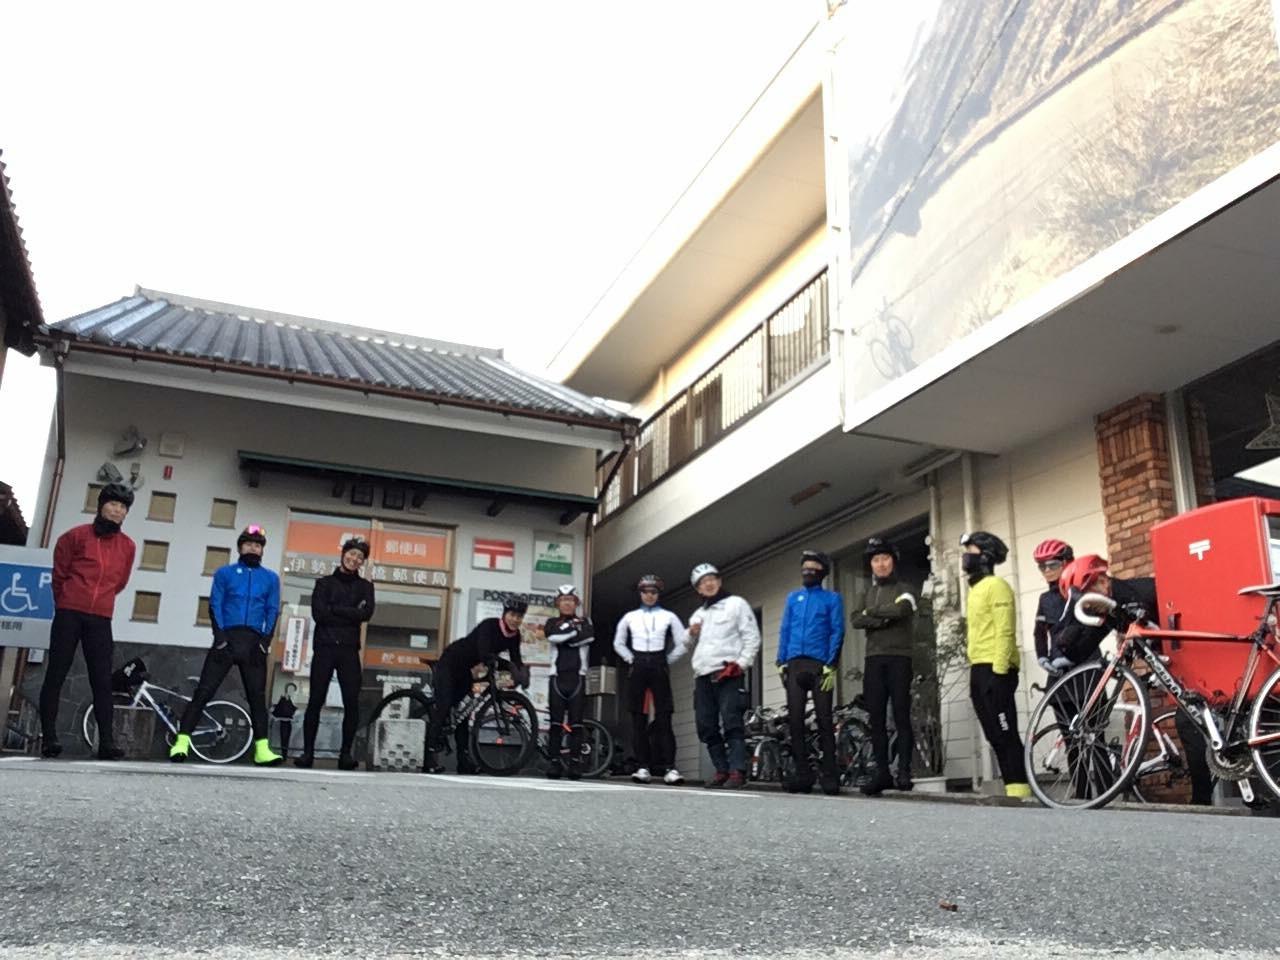 朝一は2月の初心者サイクリング!